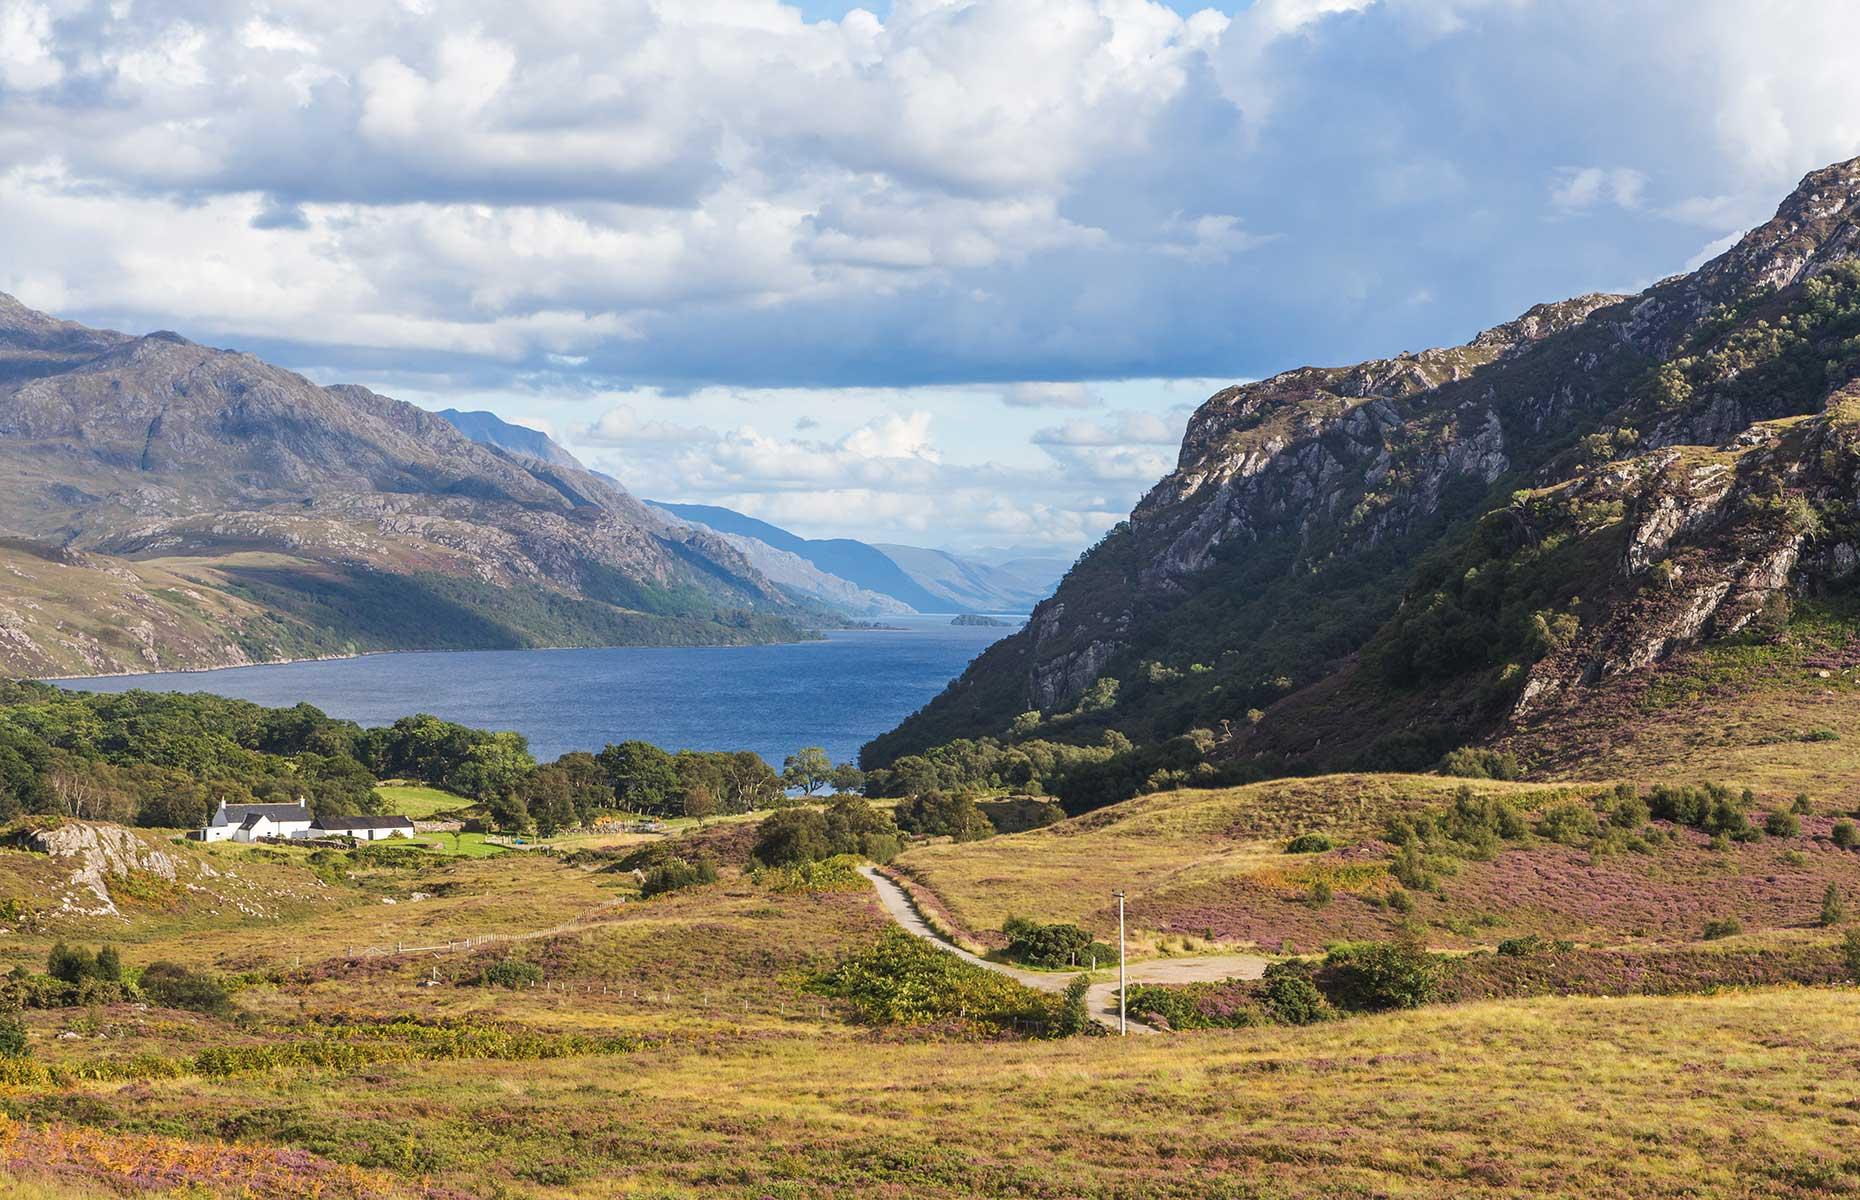 Assynt countryside (Image: EyesTravelling/Shutterstock)